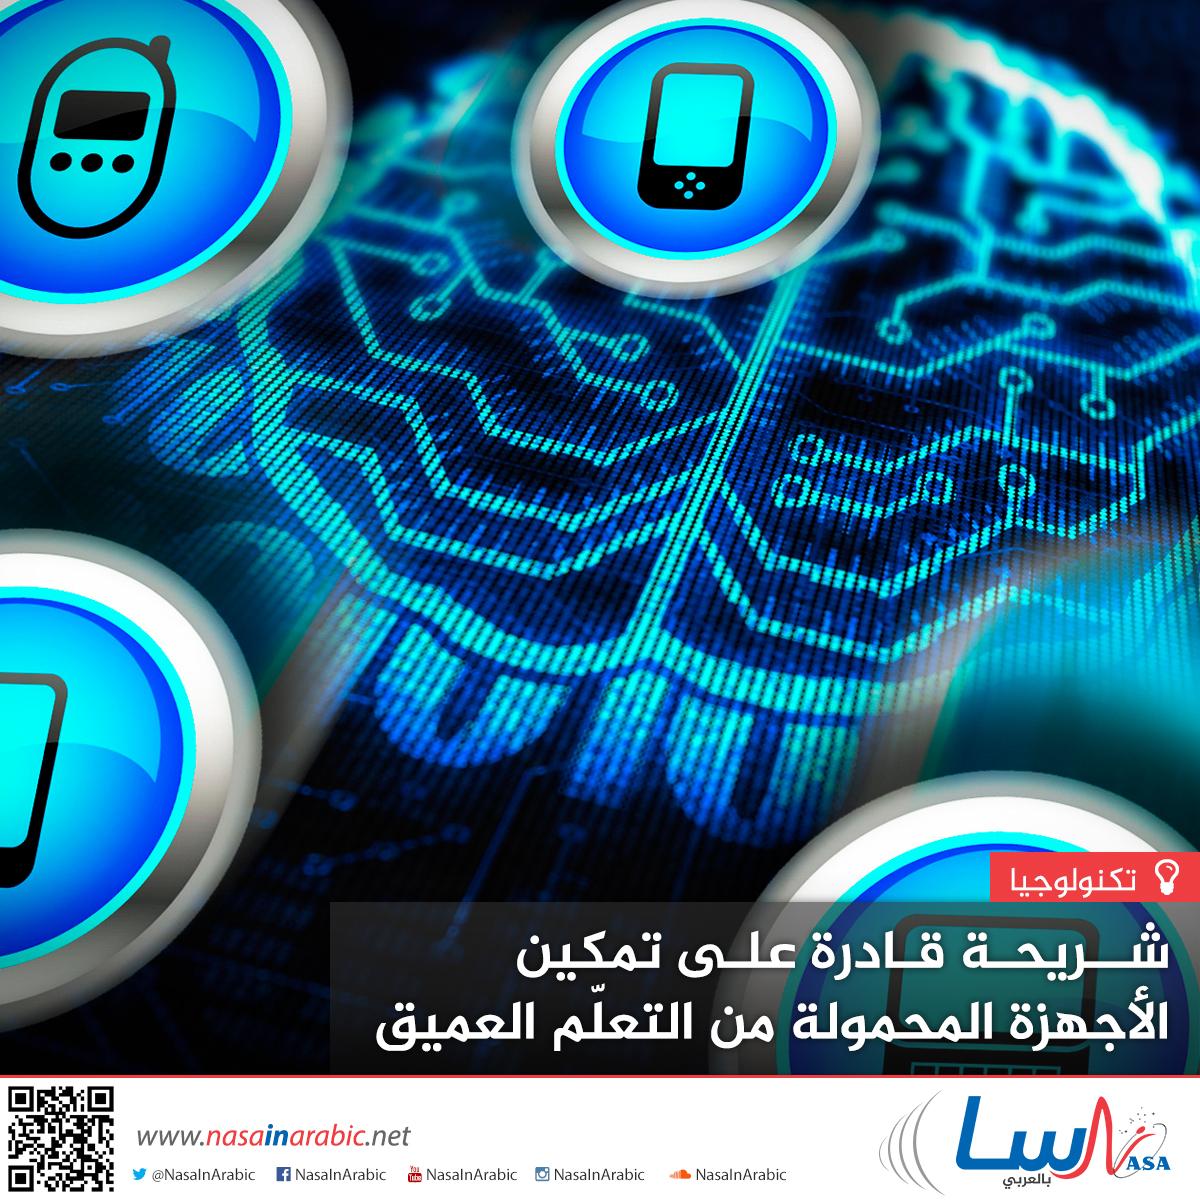 شريحة قادرة على تمكين الأجهزة المحمولة من التعلّم العميق